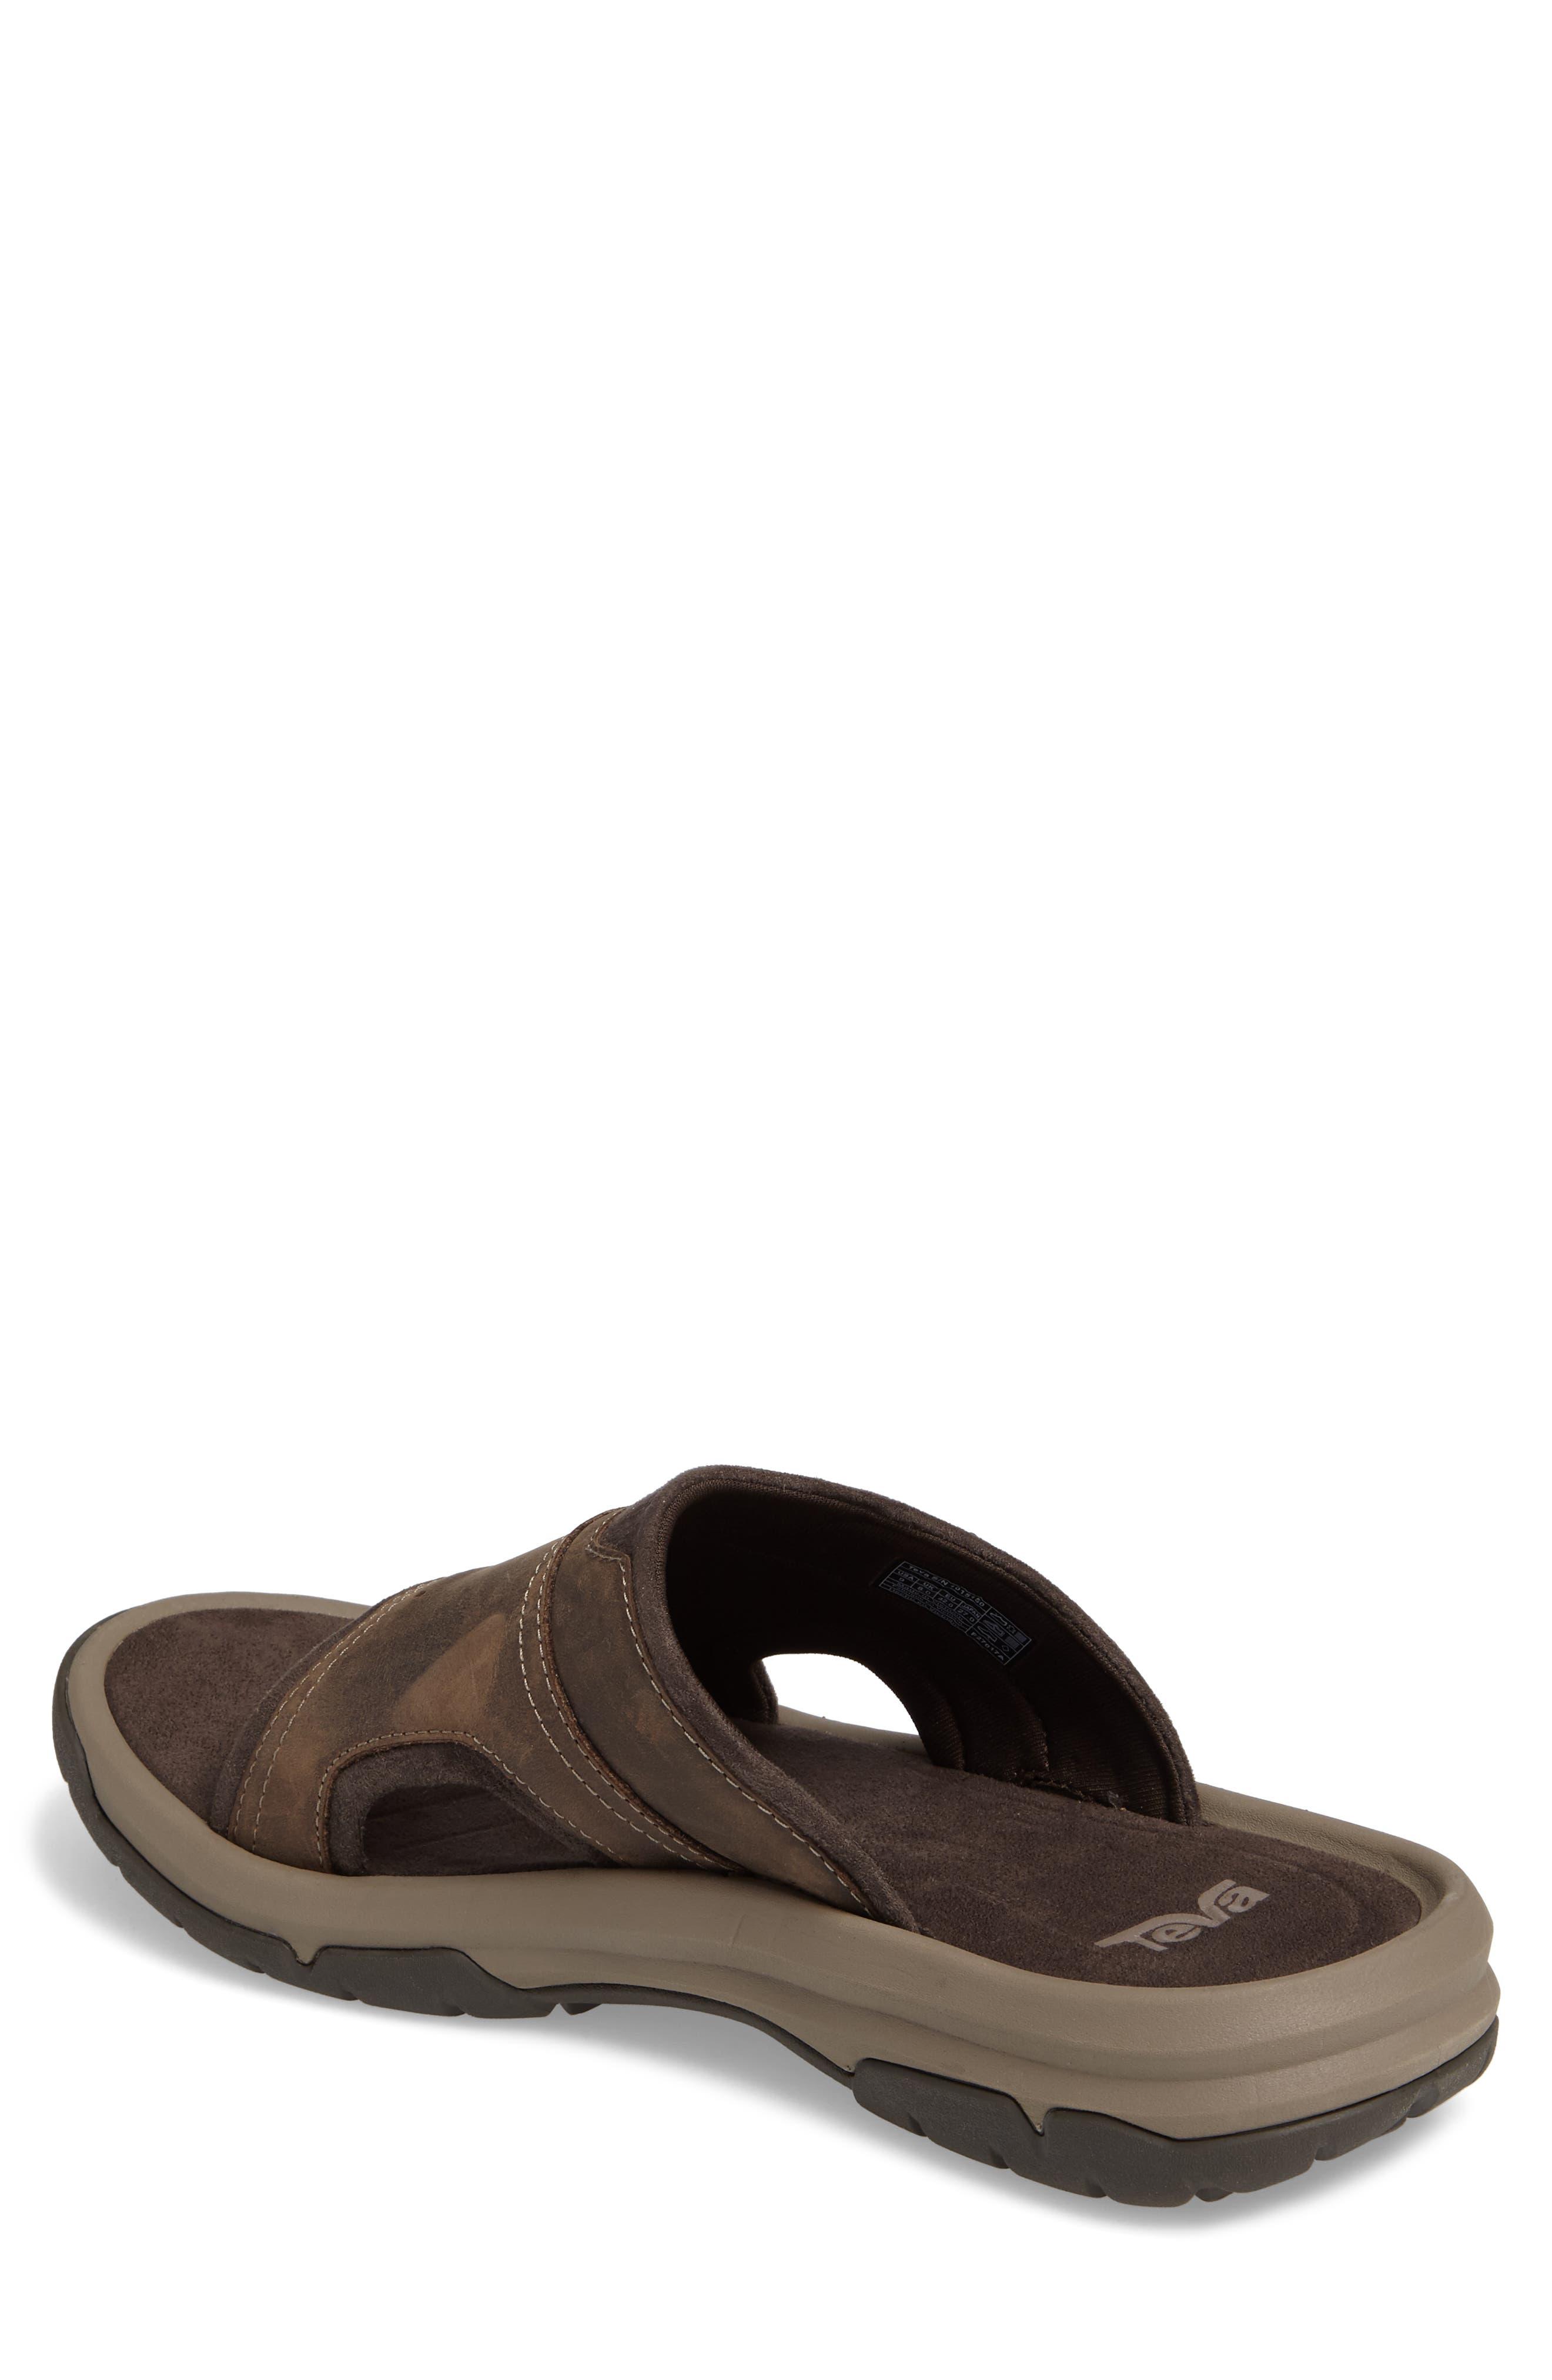 Alternate Image 2  - Teva Langdon Slide Sandal (Men)